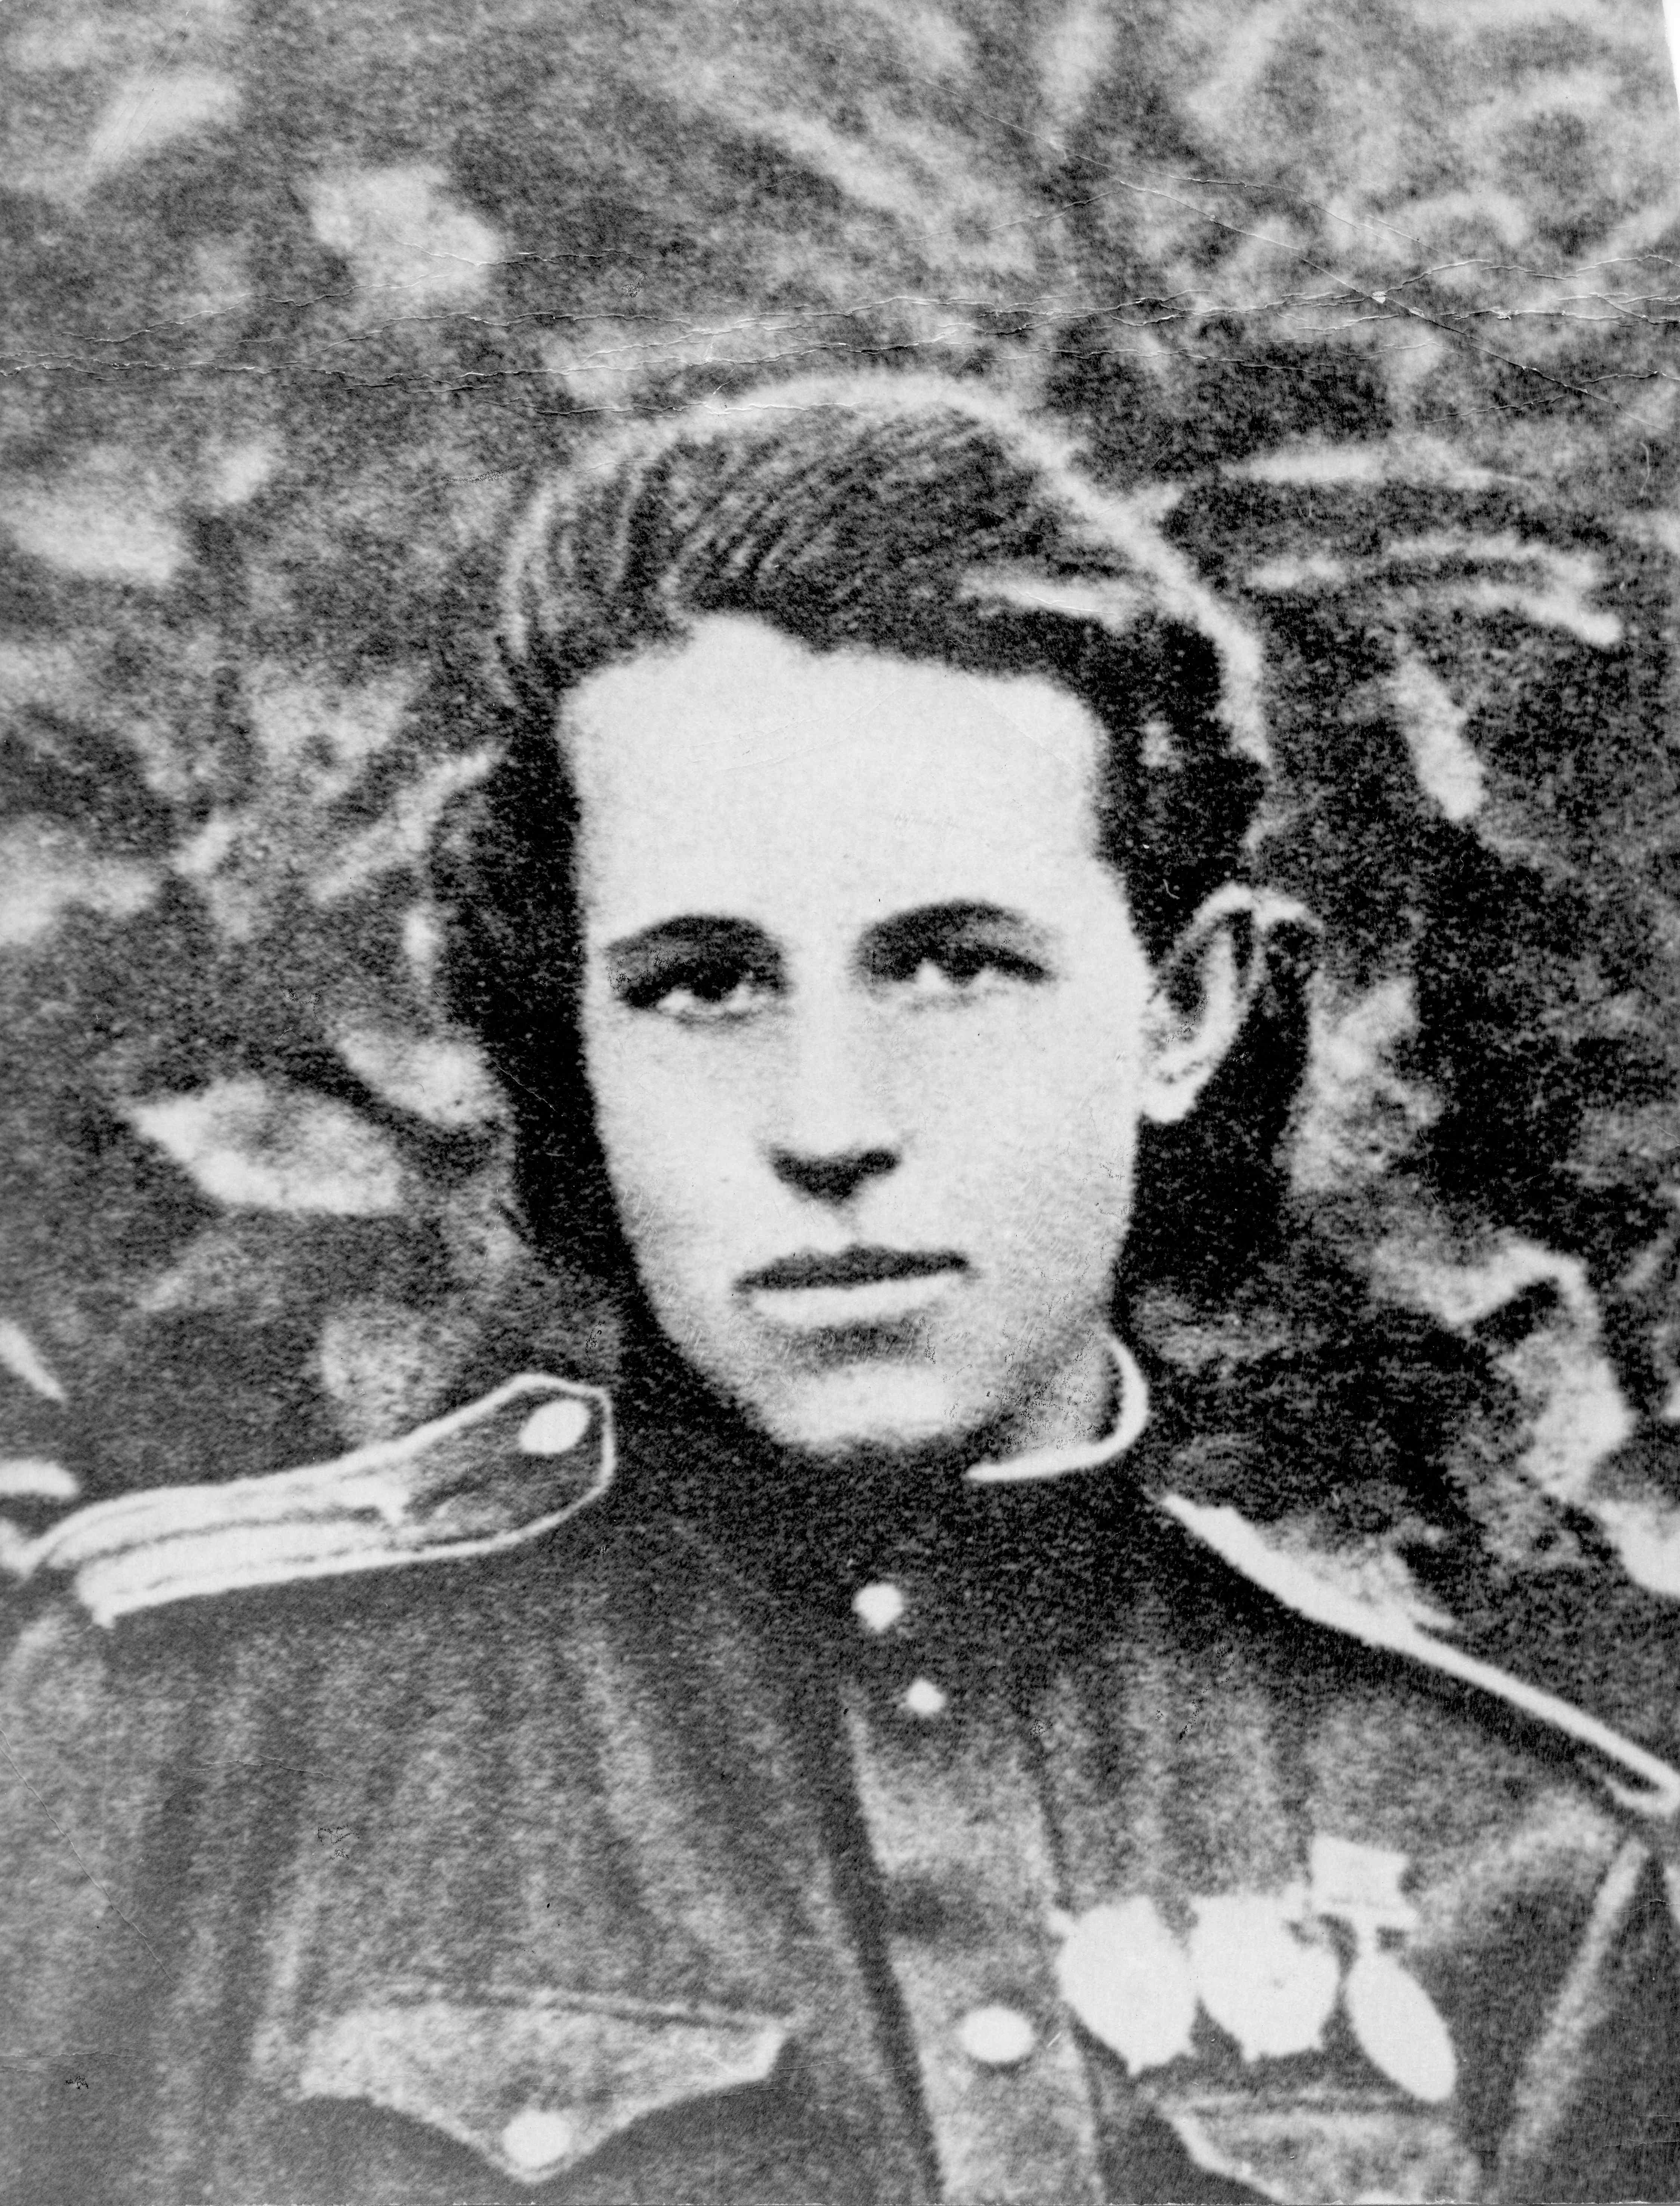 Anna in uniform,front